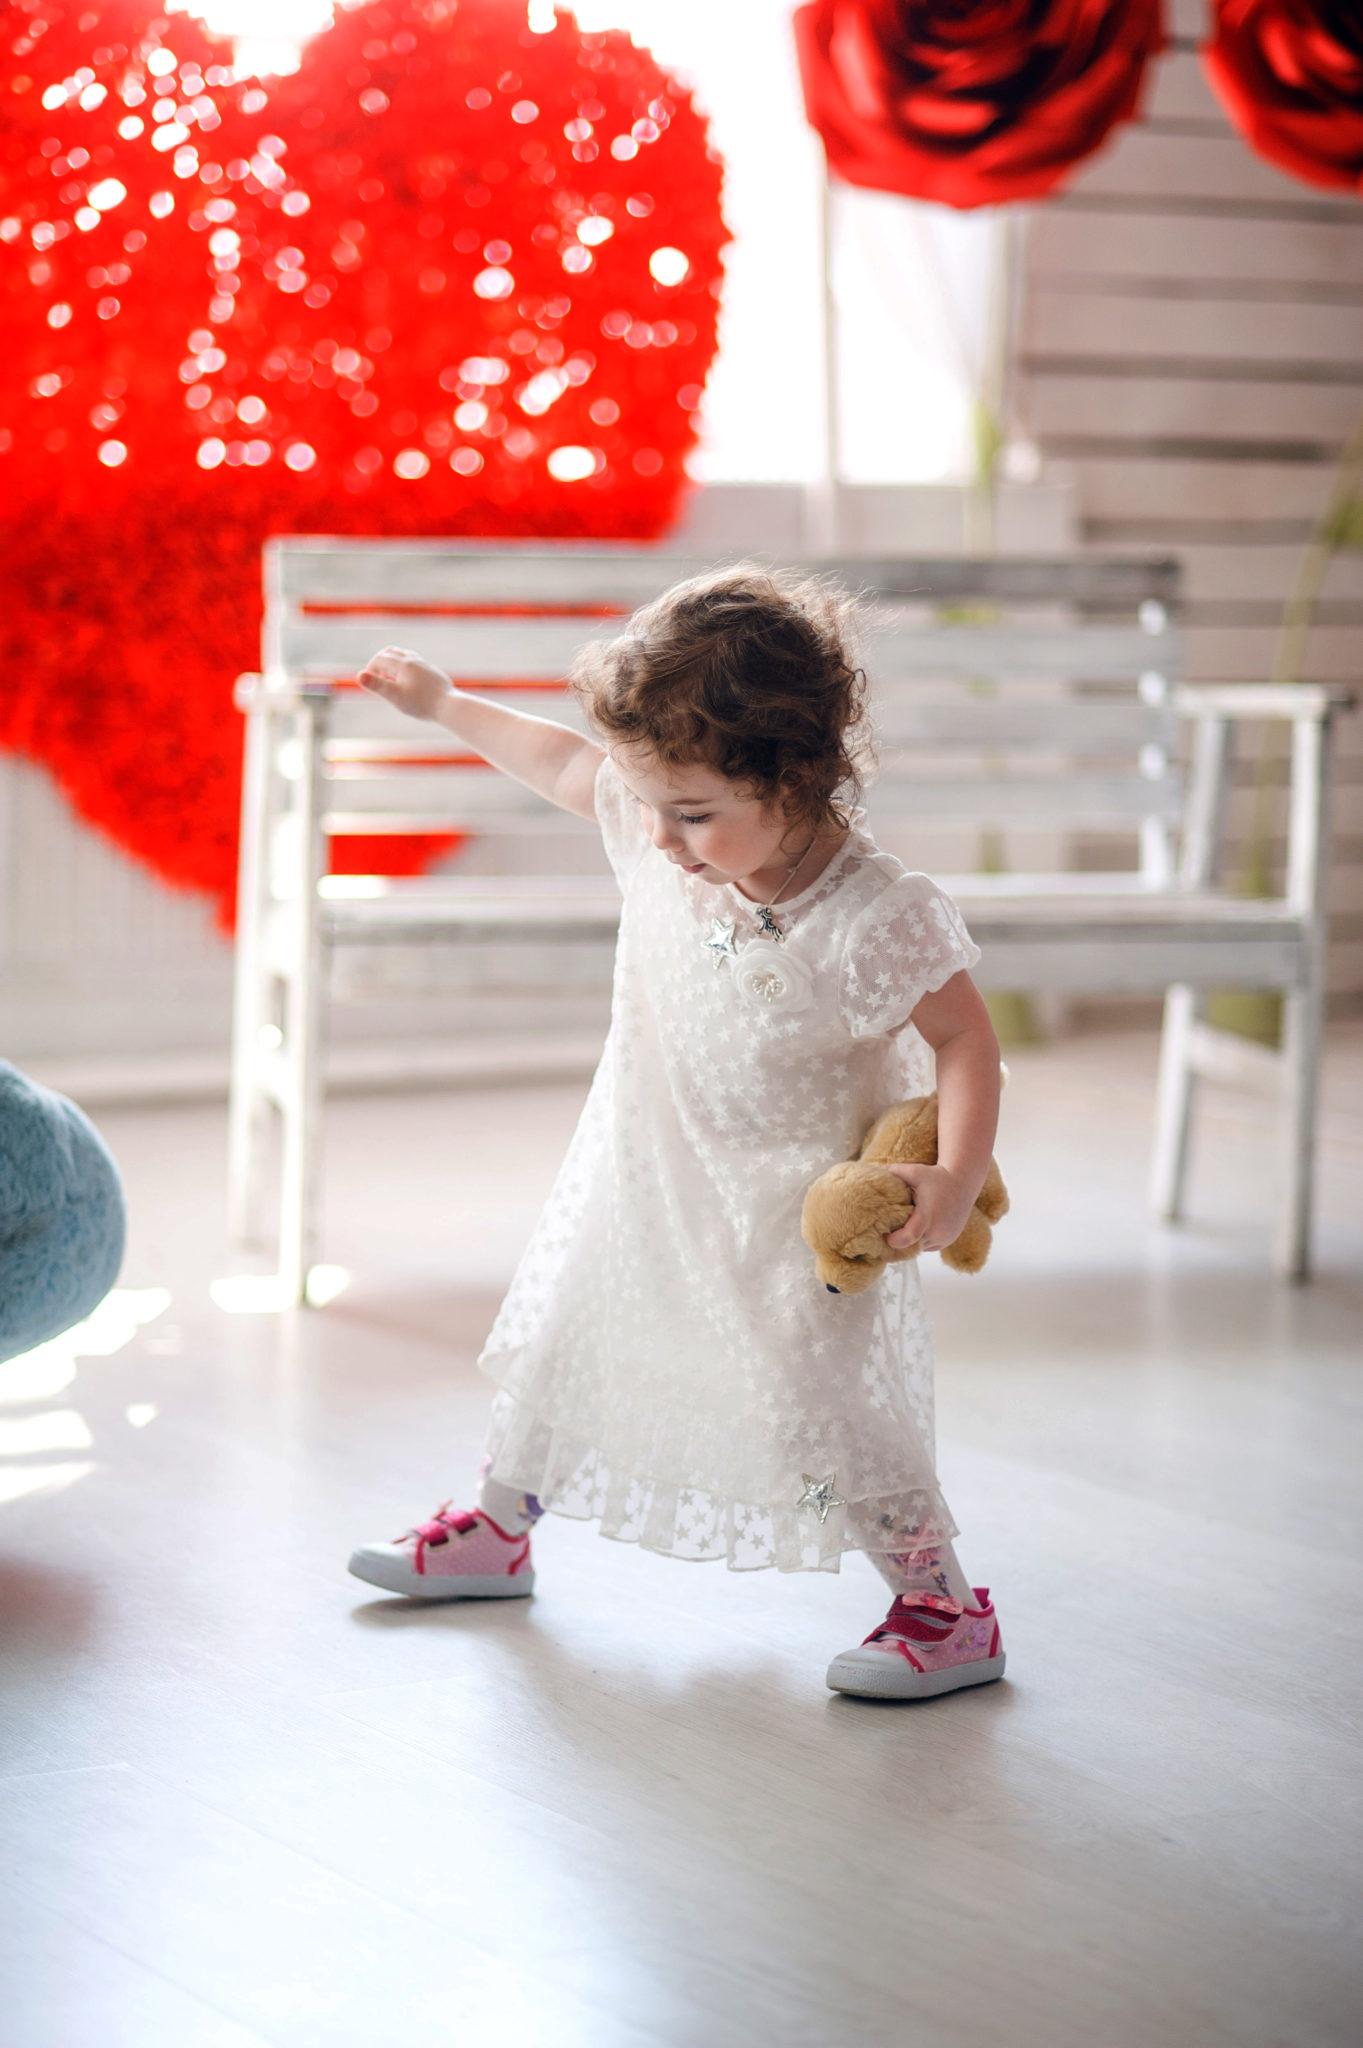 Детская фотосессия, девочка с мишкой в руках на фоне сердца и белой лавочки